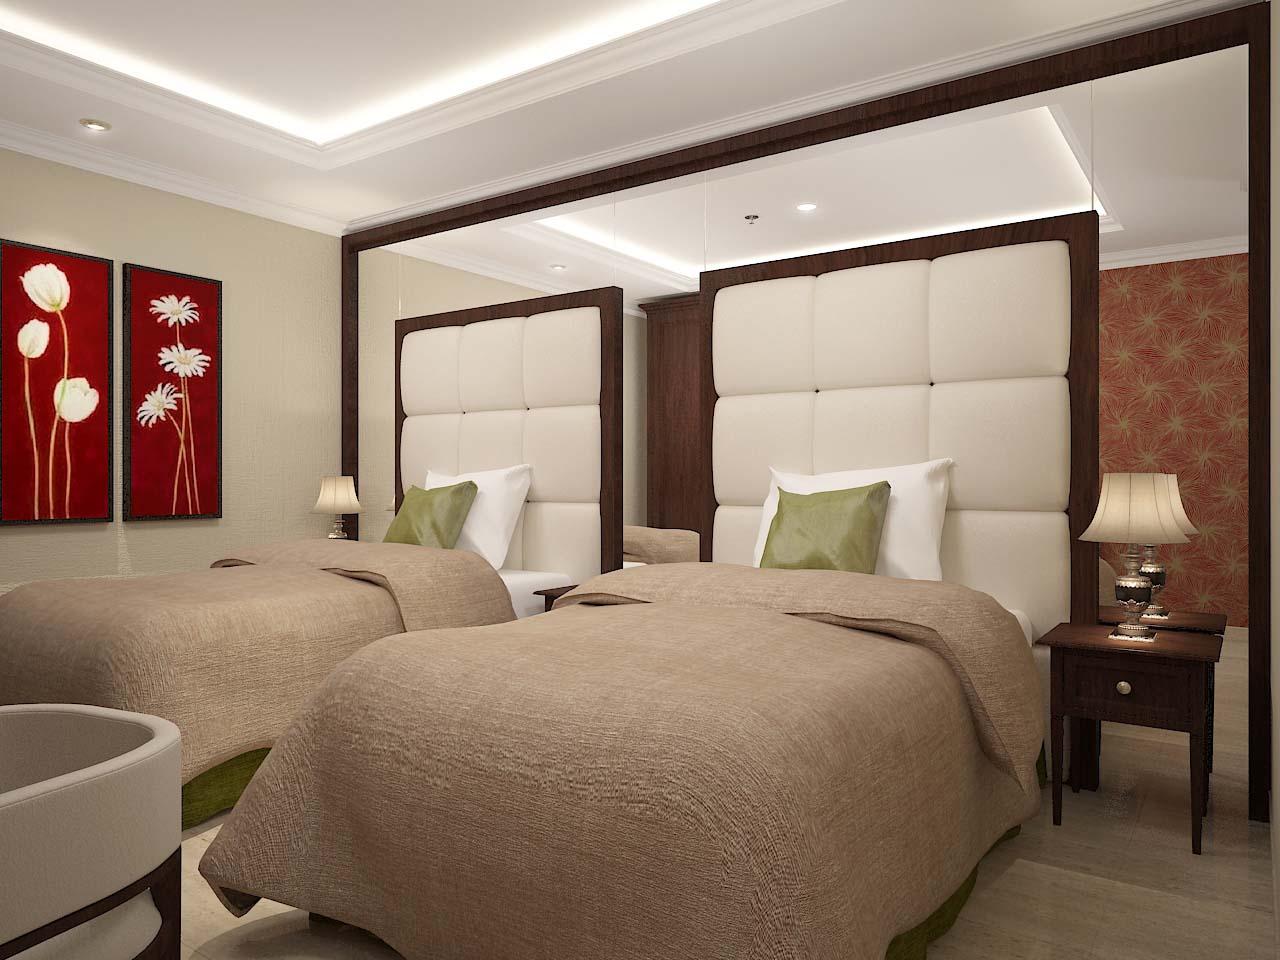 Bedroom-D.jpg